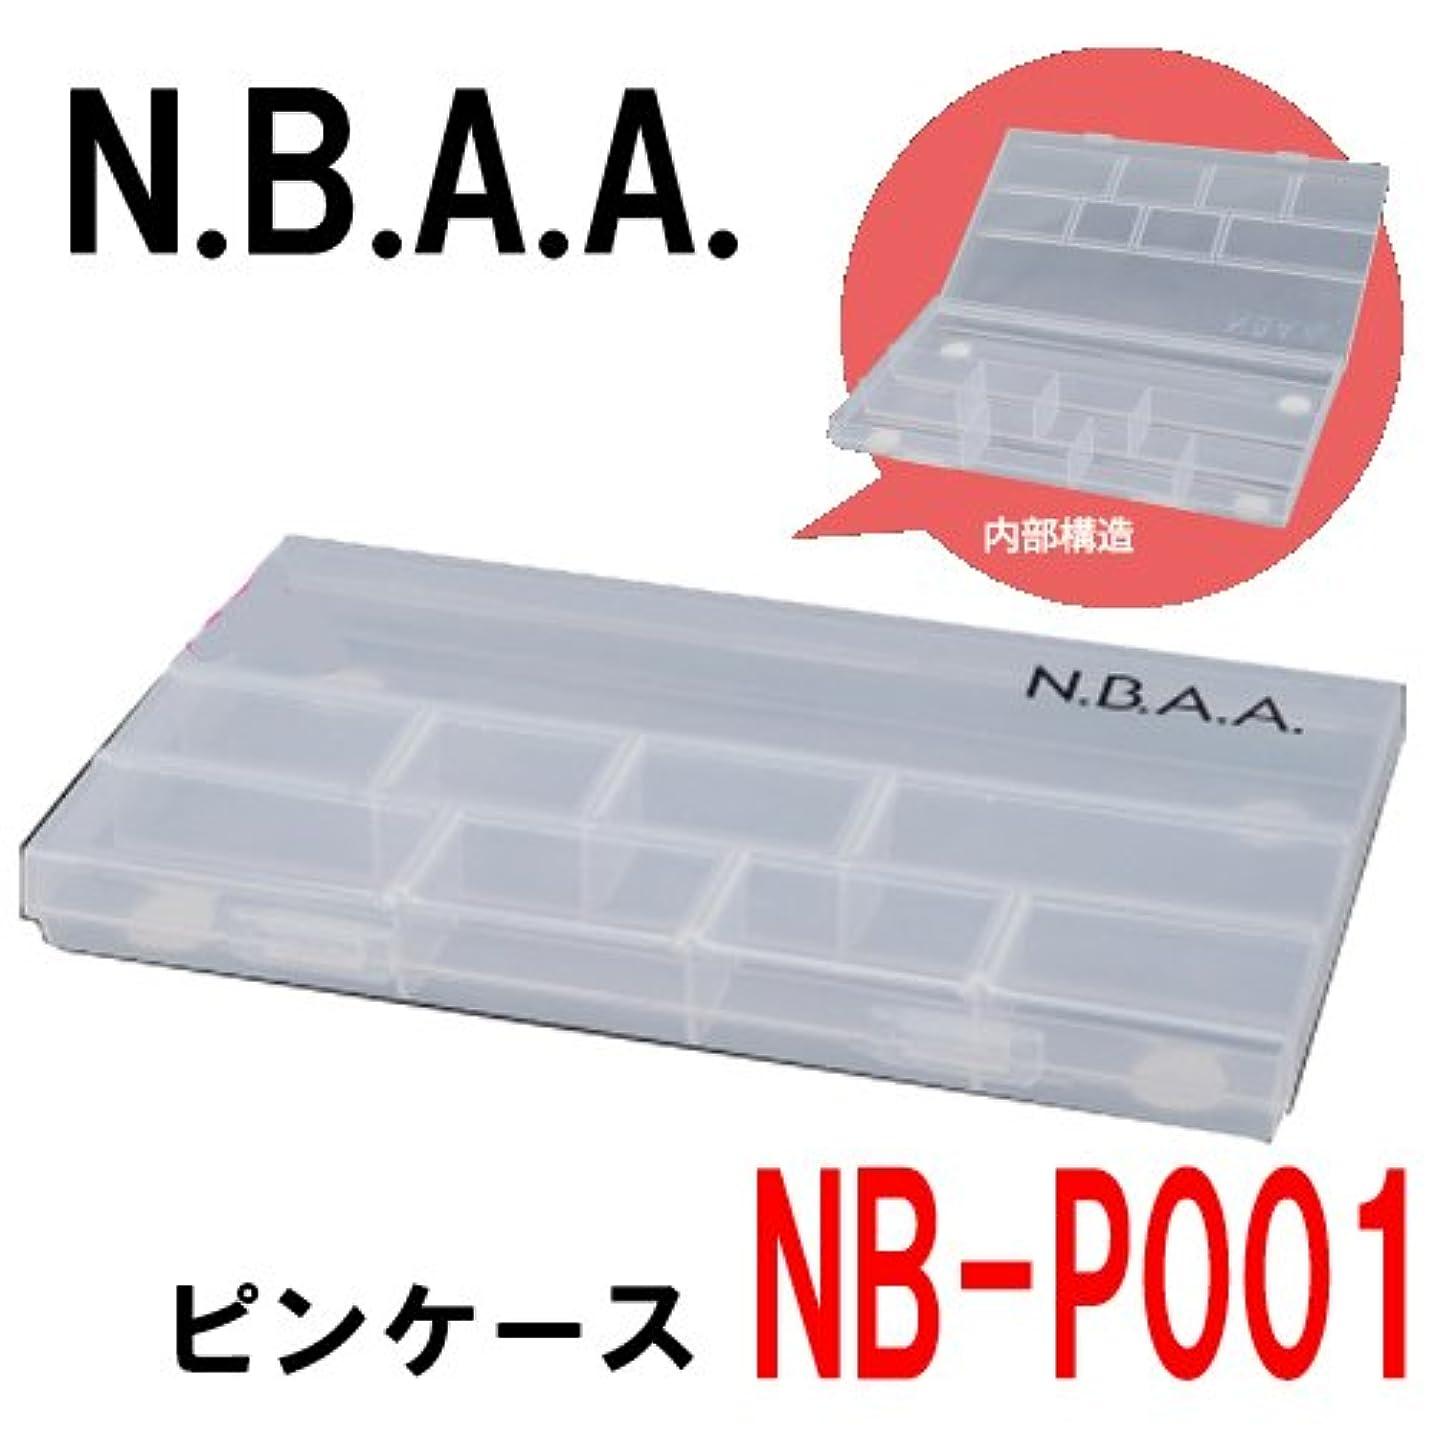 公平出撃者ジレンマN.B.A.A. NB-P001 ピンケース